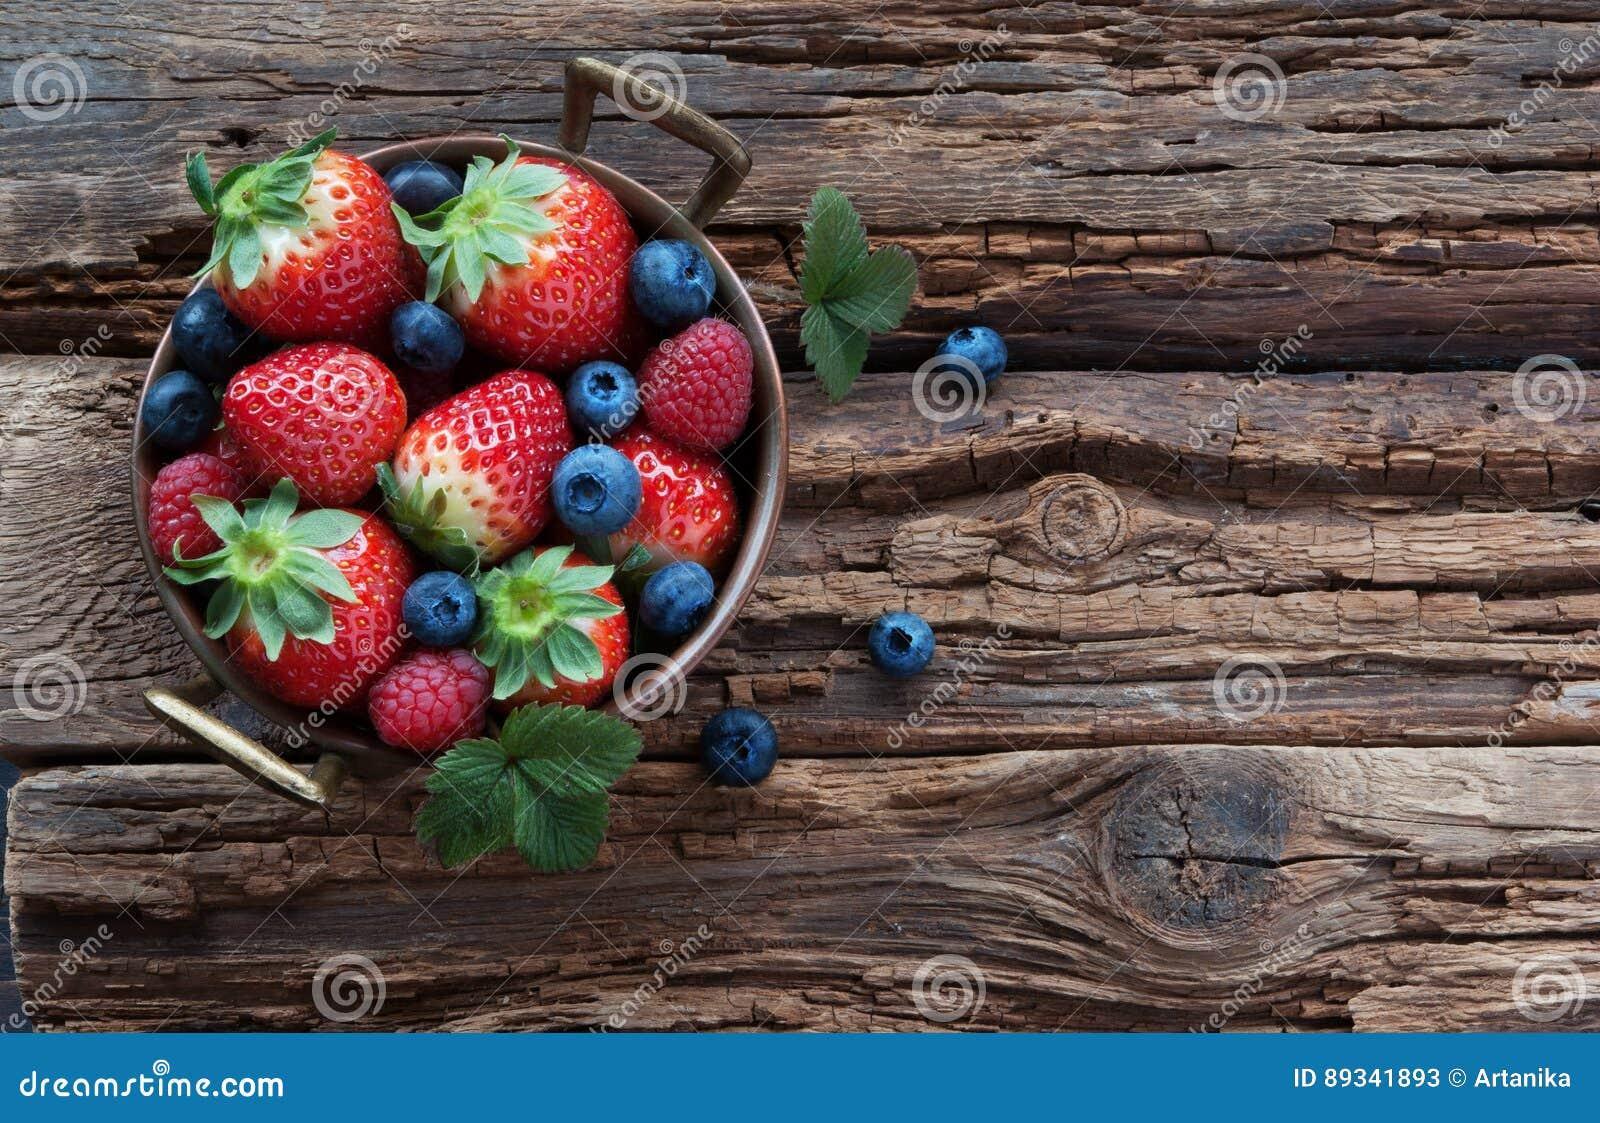 Fresh summer berries in bowl